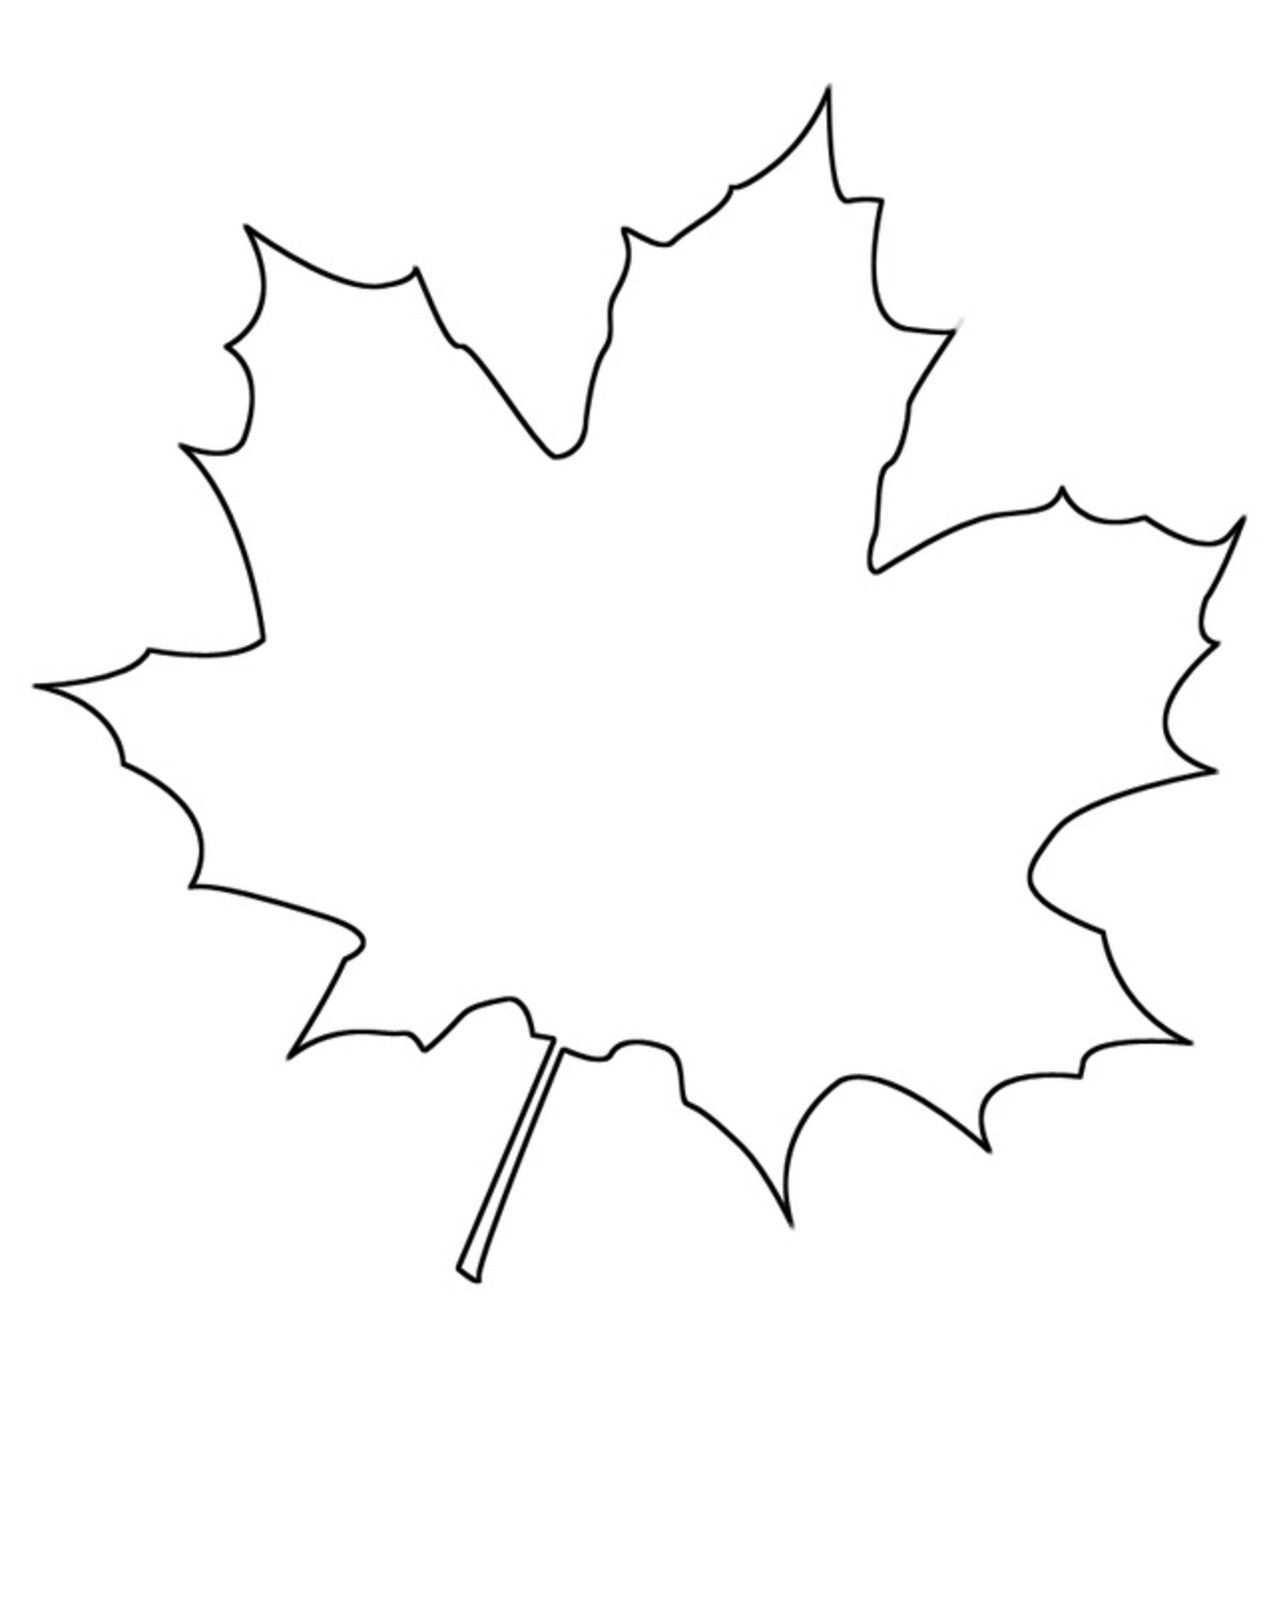 Ahorn Blatt Ausdrucken Und Fur Beliebige Bastelprojekte Verwenden Bastelvorlagen Fensterbilder Herbst Vorlagen Kostenlos Bastelvorlagen Zum Ausdrucken